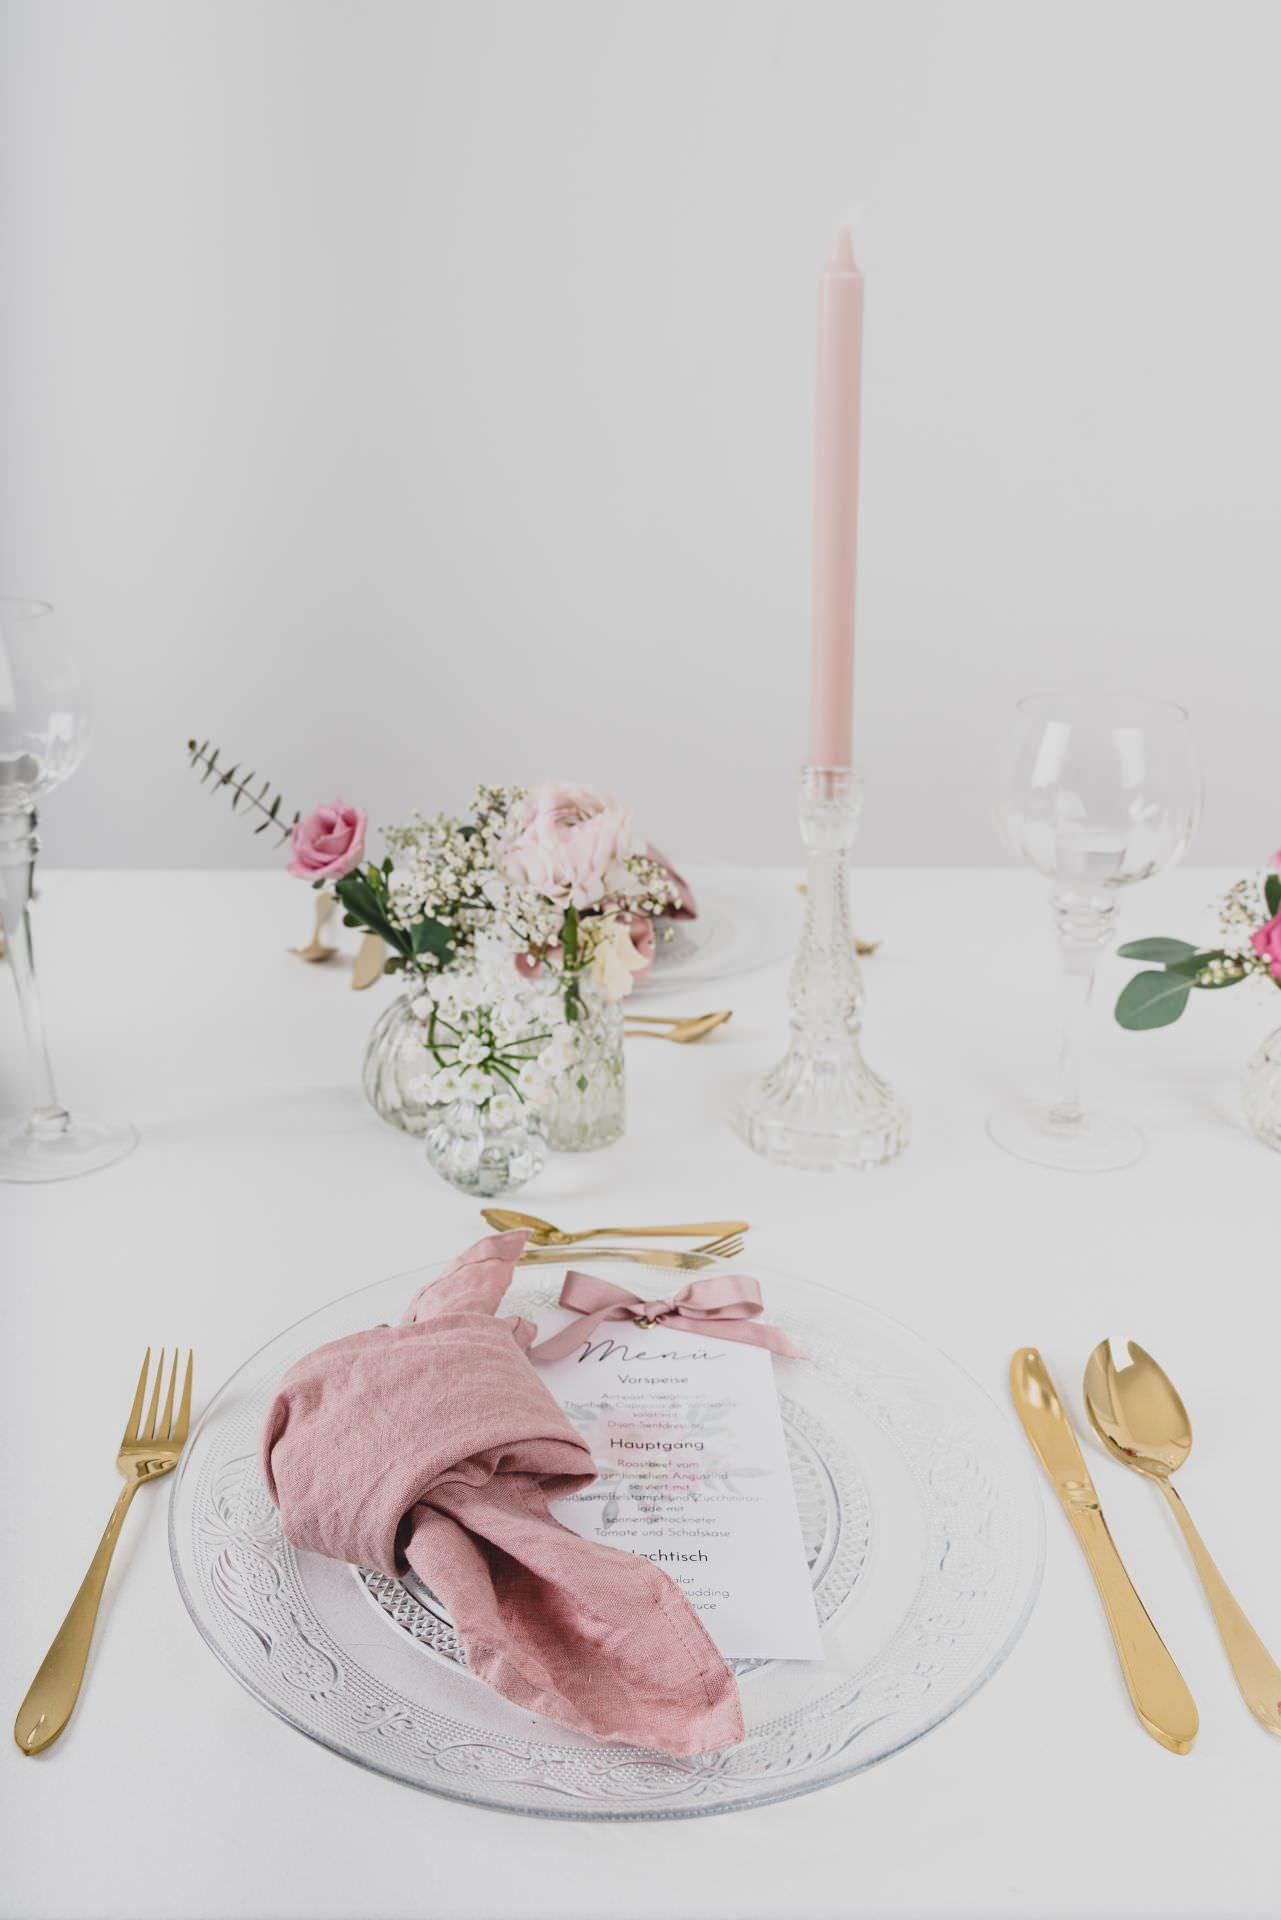 Tischdekoration mit goldenem Besteck Platzteller aus Glas mit Ornamenten und einer rosanen Serviette aus Leinen im Hintergrund weitere Deko aus Glas